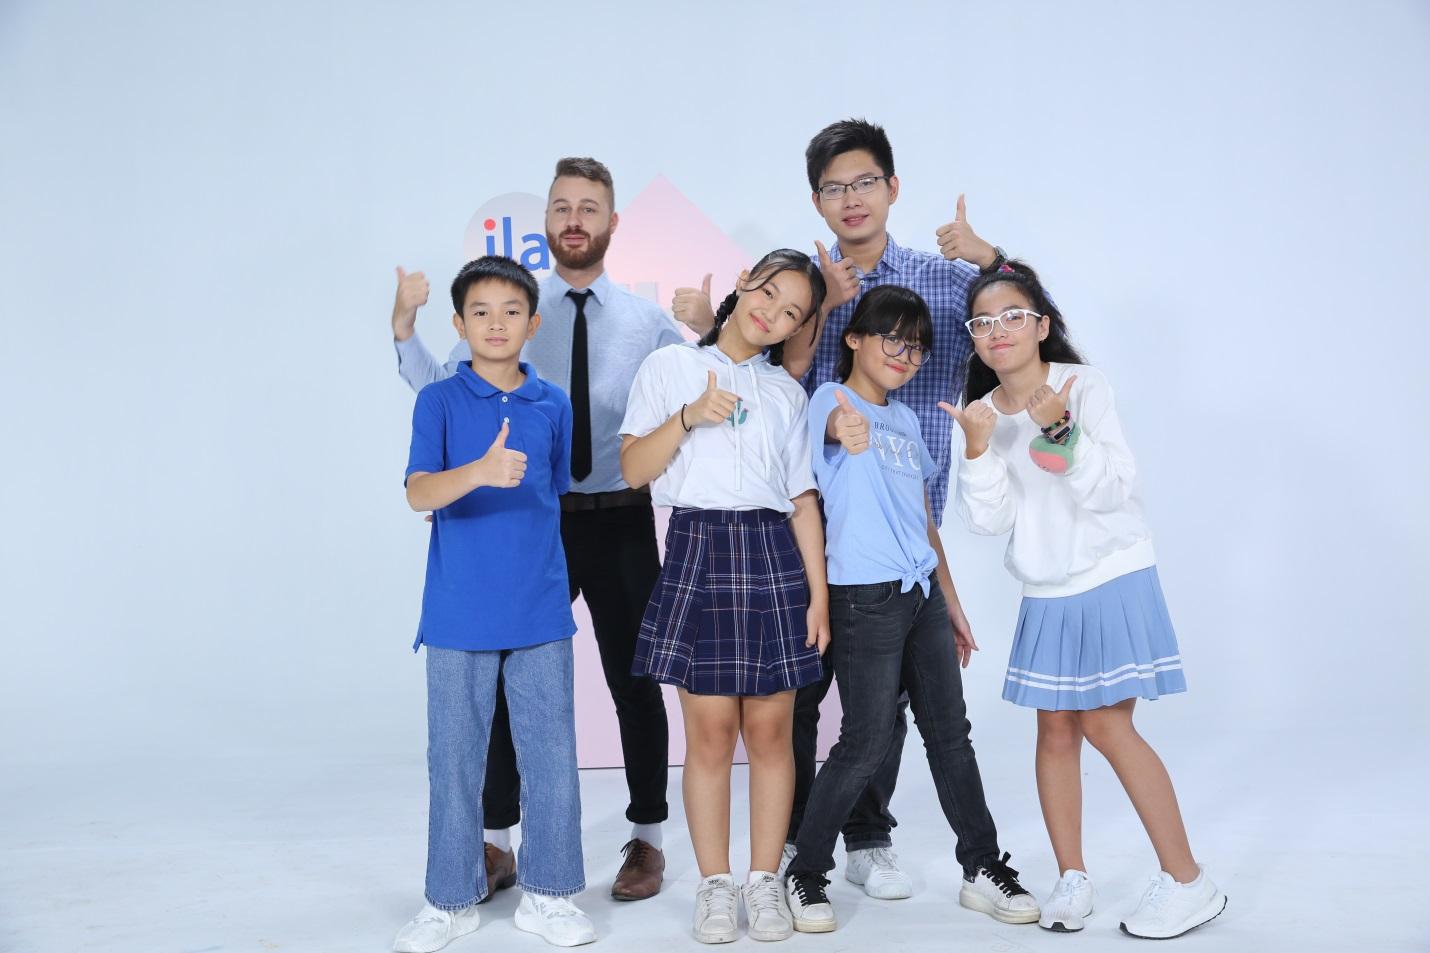 Mô hình giáo dục toàn diện 4.0 đã có mặt tại Đồng Khởi, Biên Hòa - Ảnh 3.